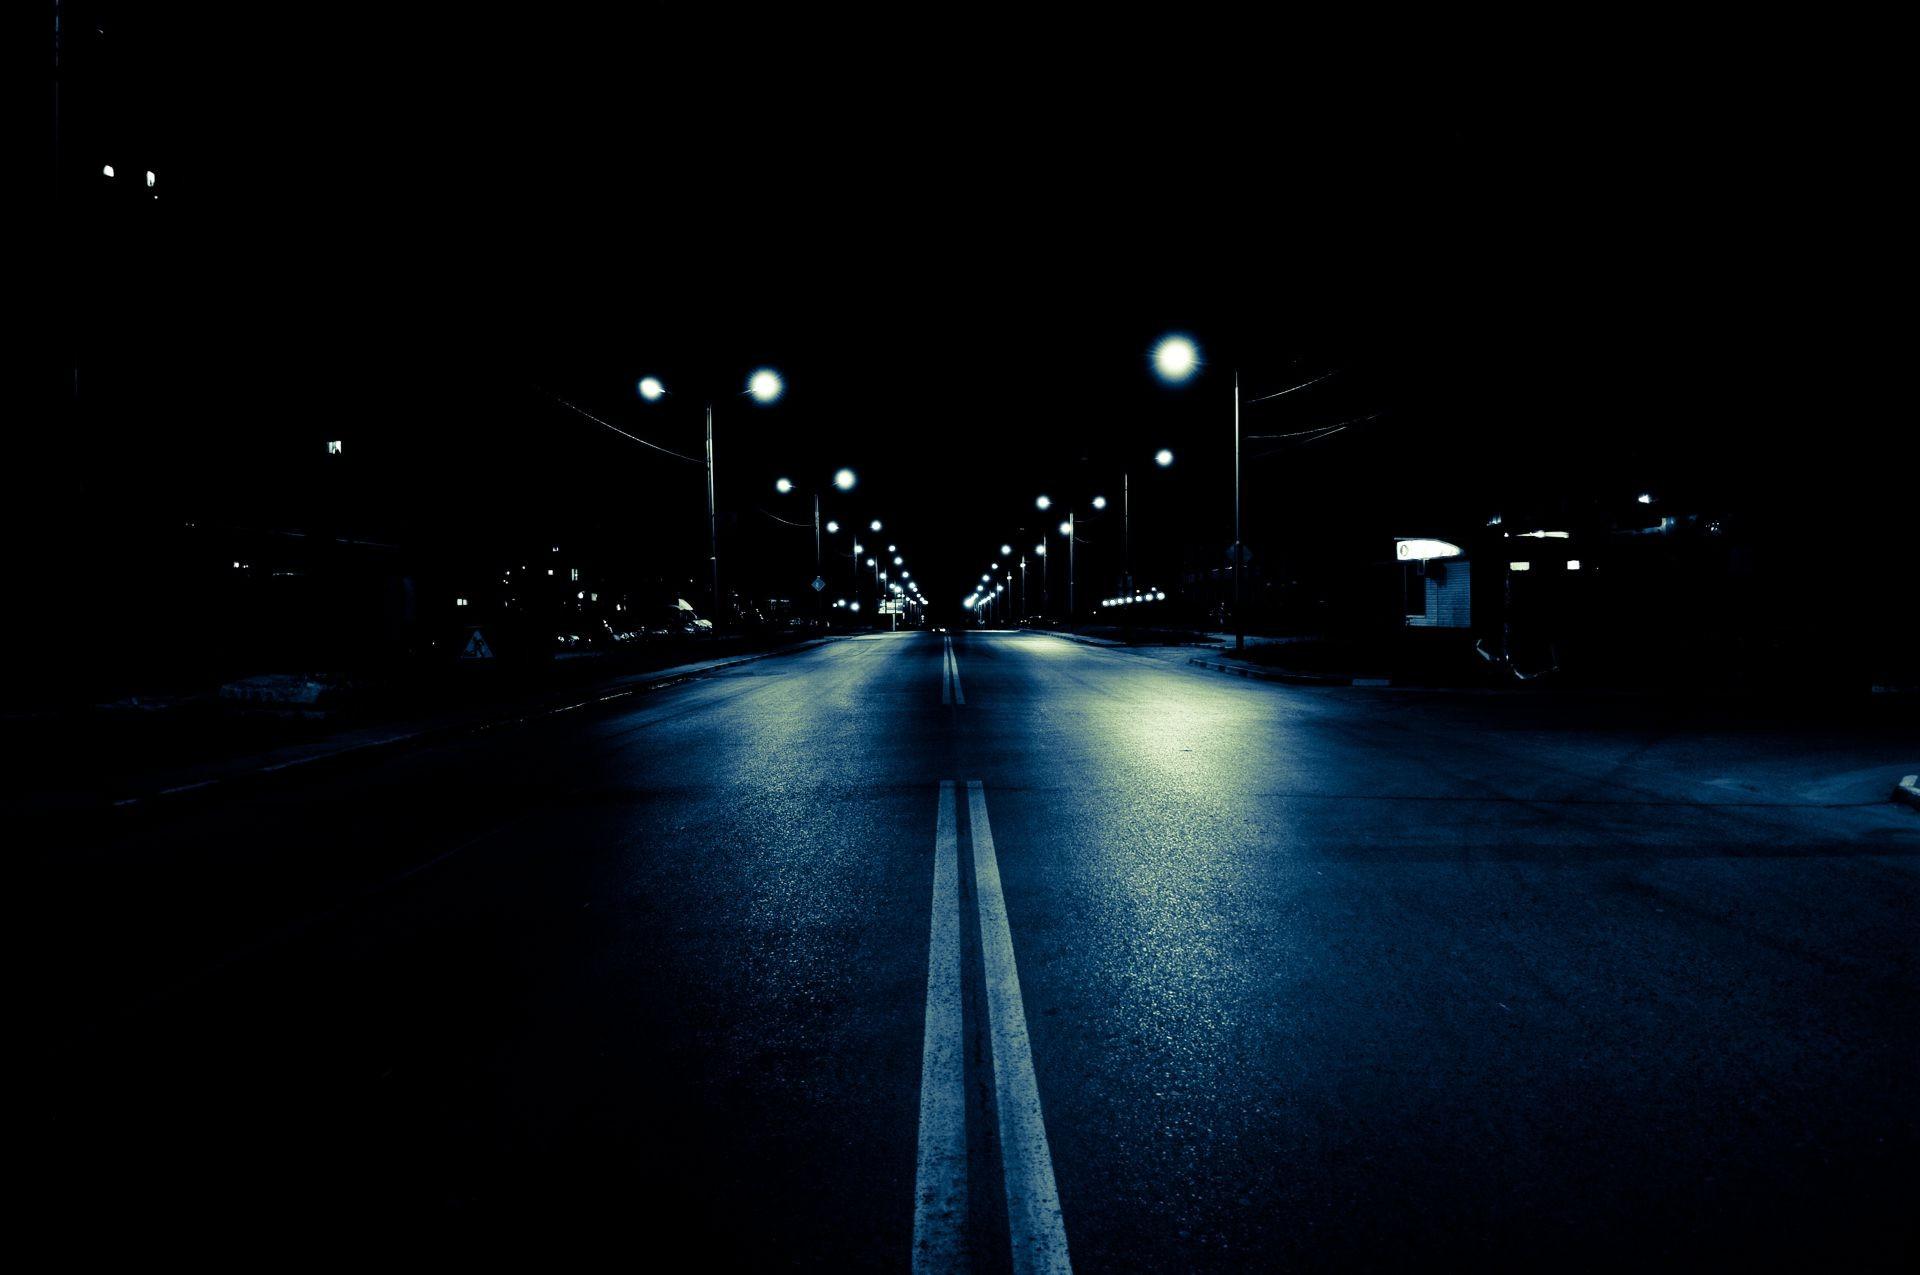 Обои фонари. Города foto 17